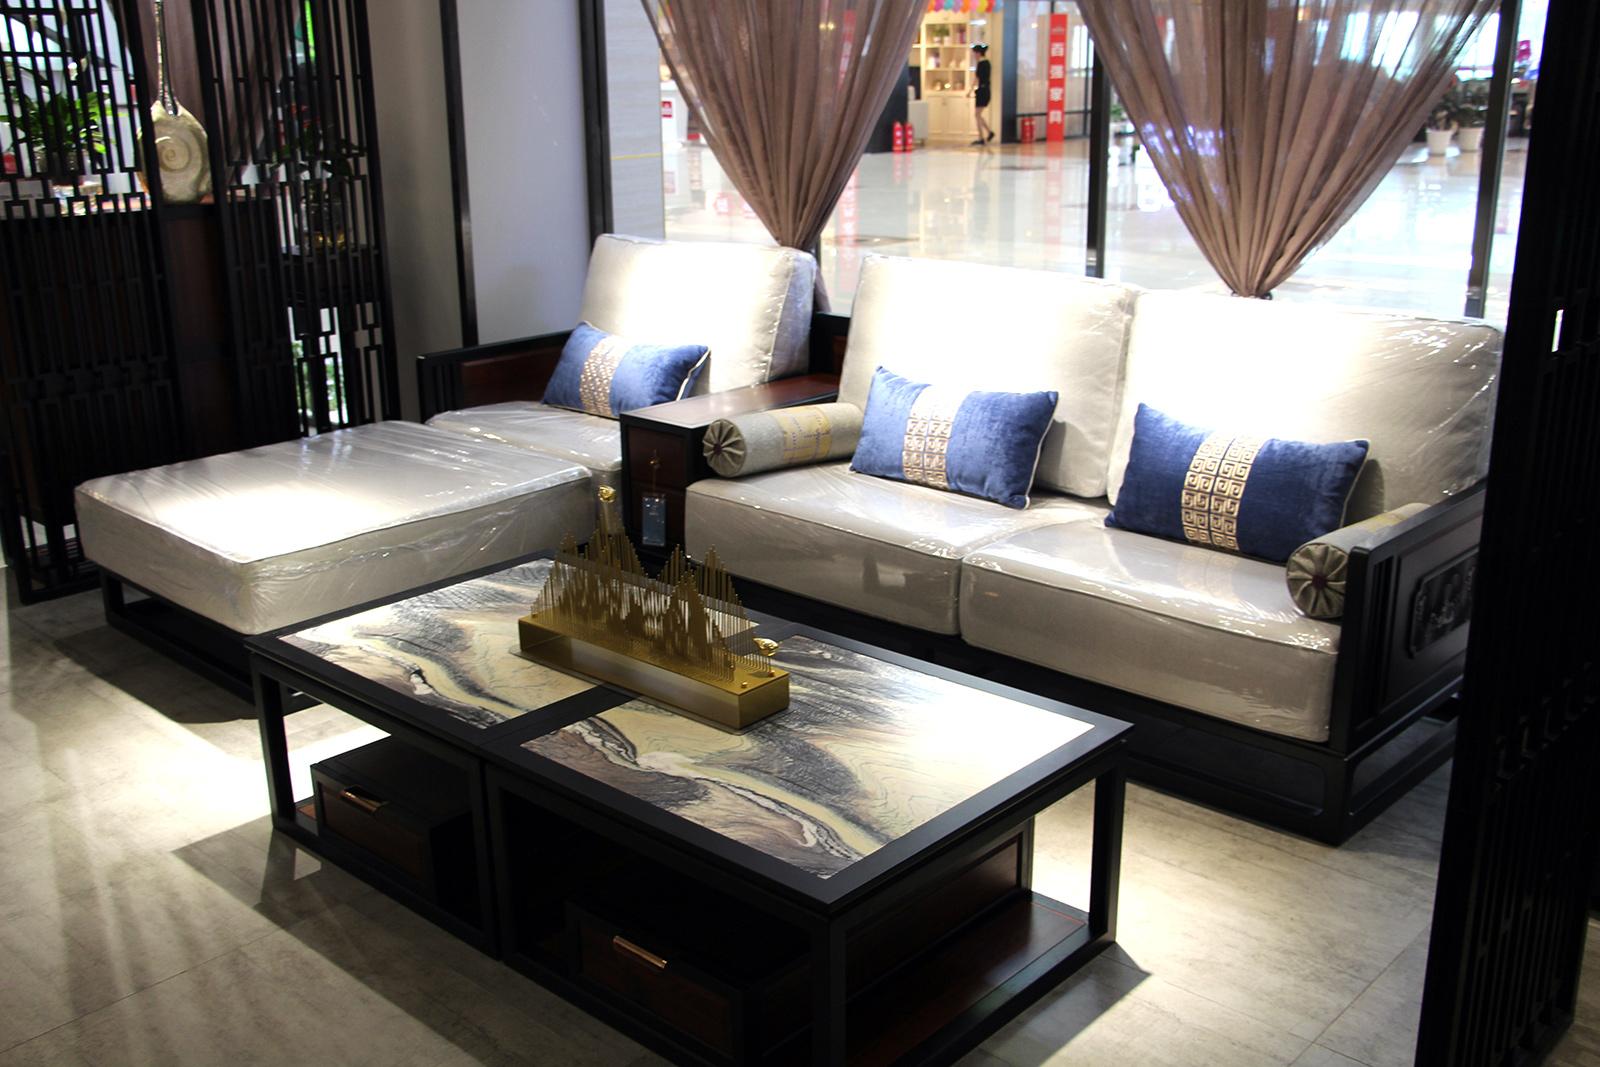 蕴东方品牌方刺猬紫檀转沙发特价26800元